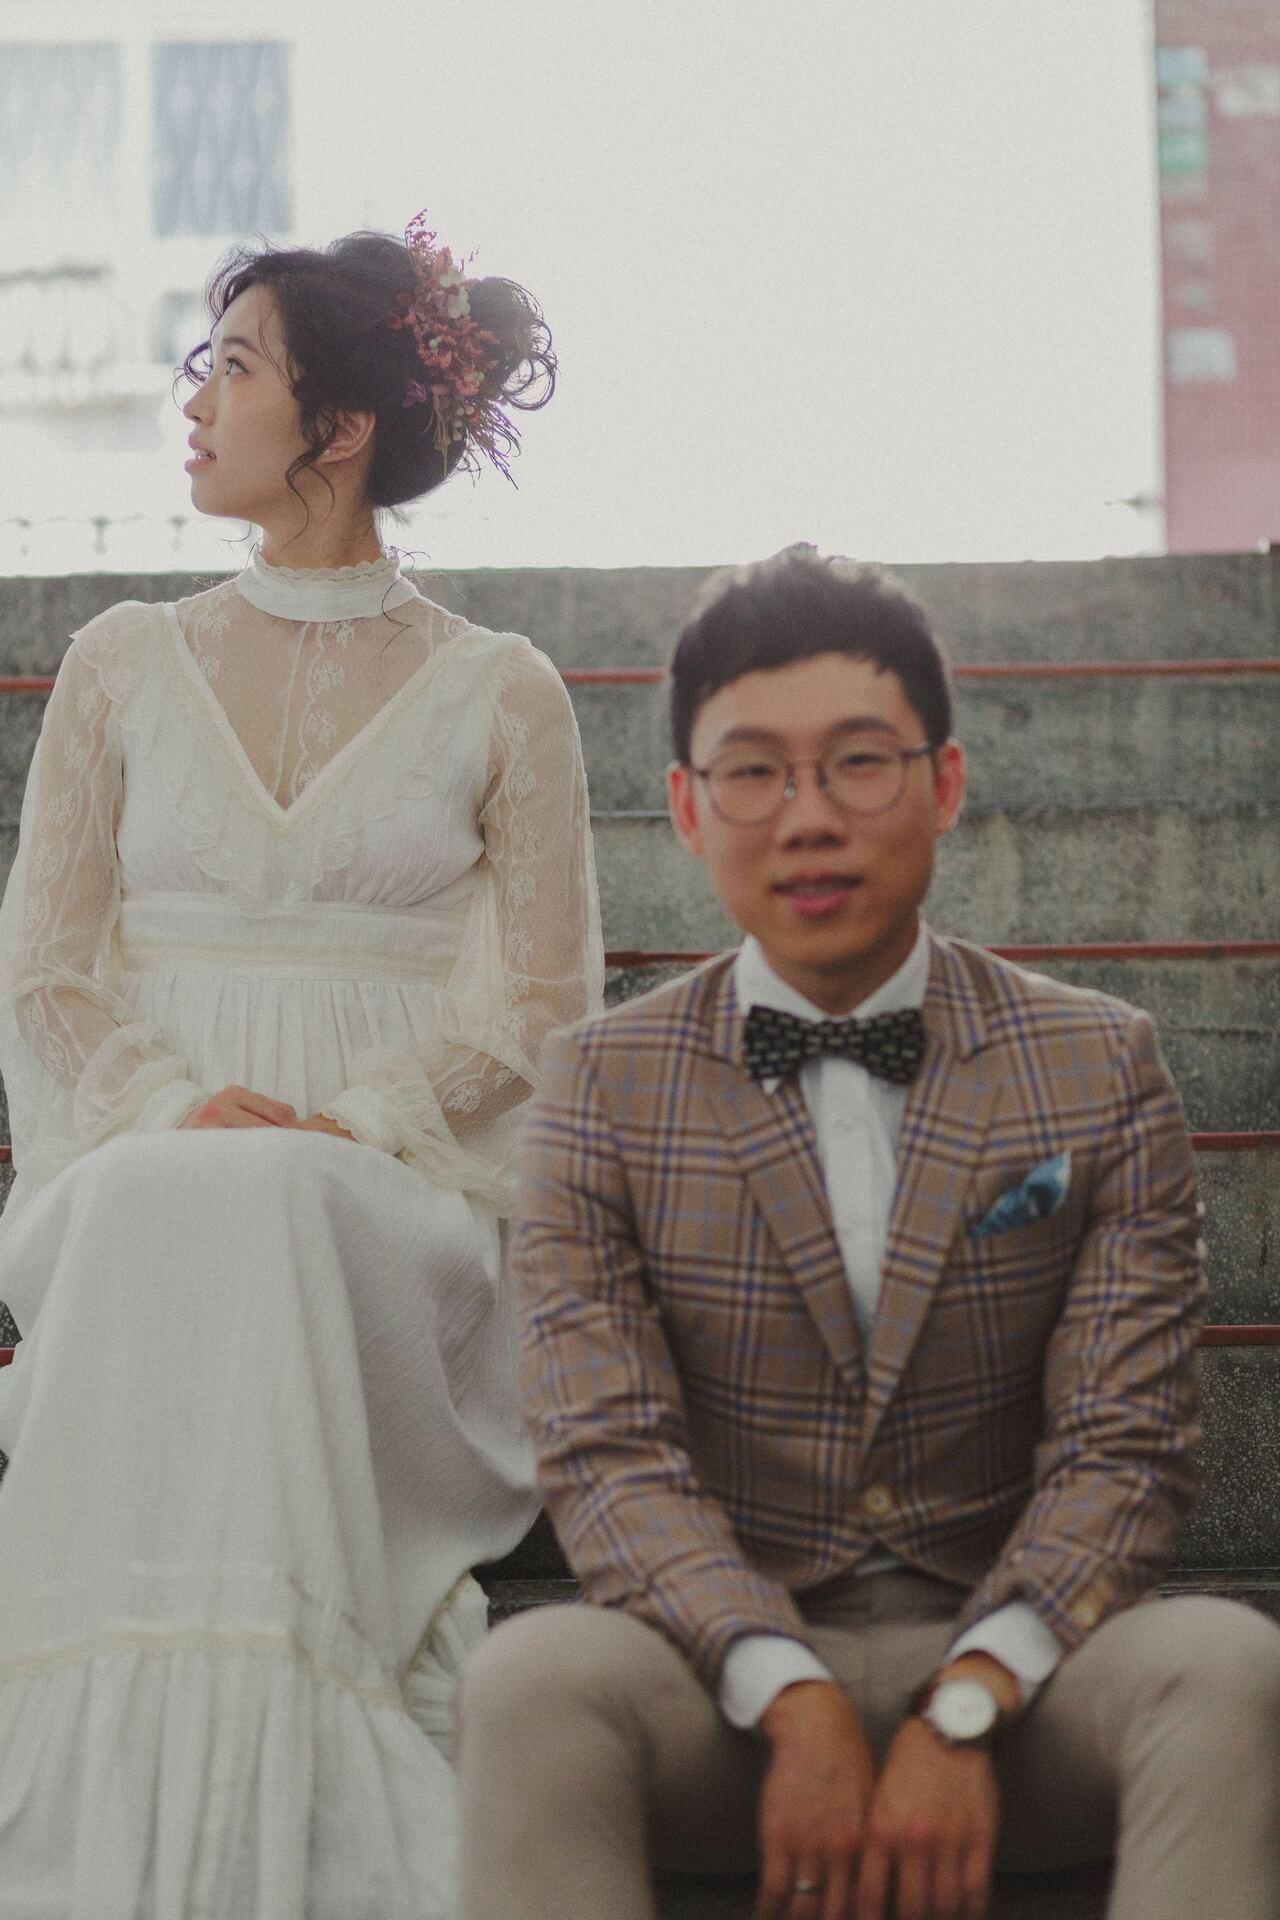 max fine art  攝影工作室 最佳婚禮紀錄推薦 海外婚禮推薦 底片風格 戶外婚禮推薦 台北婚攝 婚攝推薦 推薦婚攝 - 0004 (複製).jpg